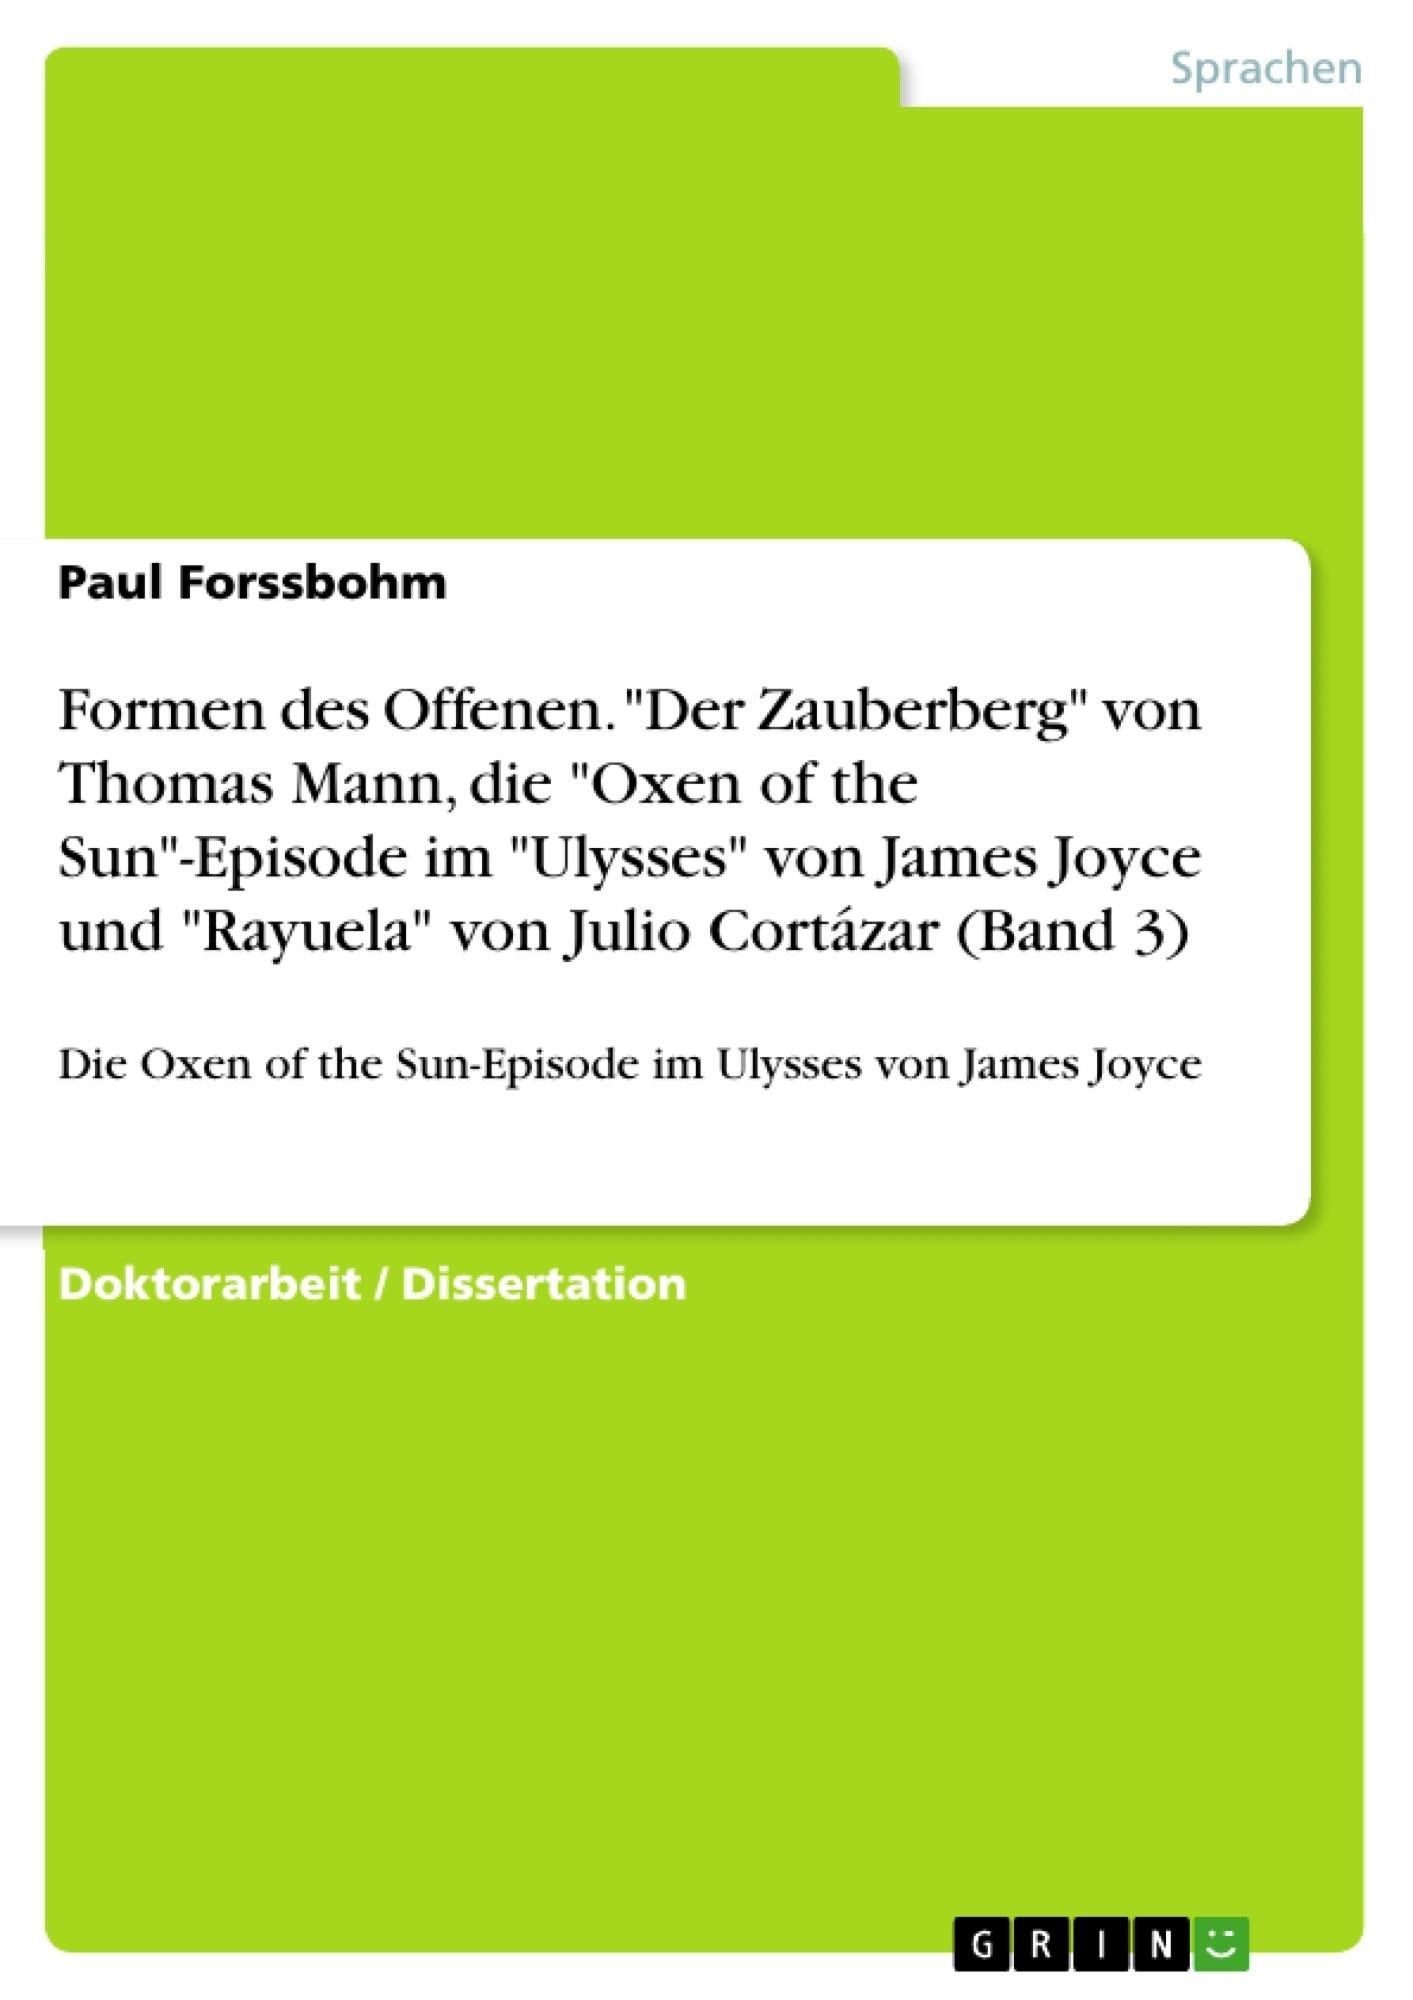 """Titel: Formen des Offenen. """"Der Zauberberg"""" von Thomas Mann, die """"Oxen of the Sun""""-Episode im """"Ulysses"""" von James Joyce und """"Rayuela"""" von Julio Cortázar (Band 3)"""